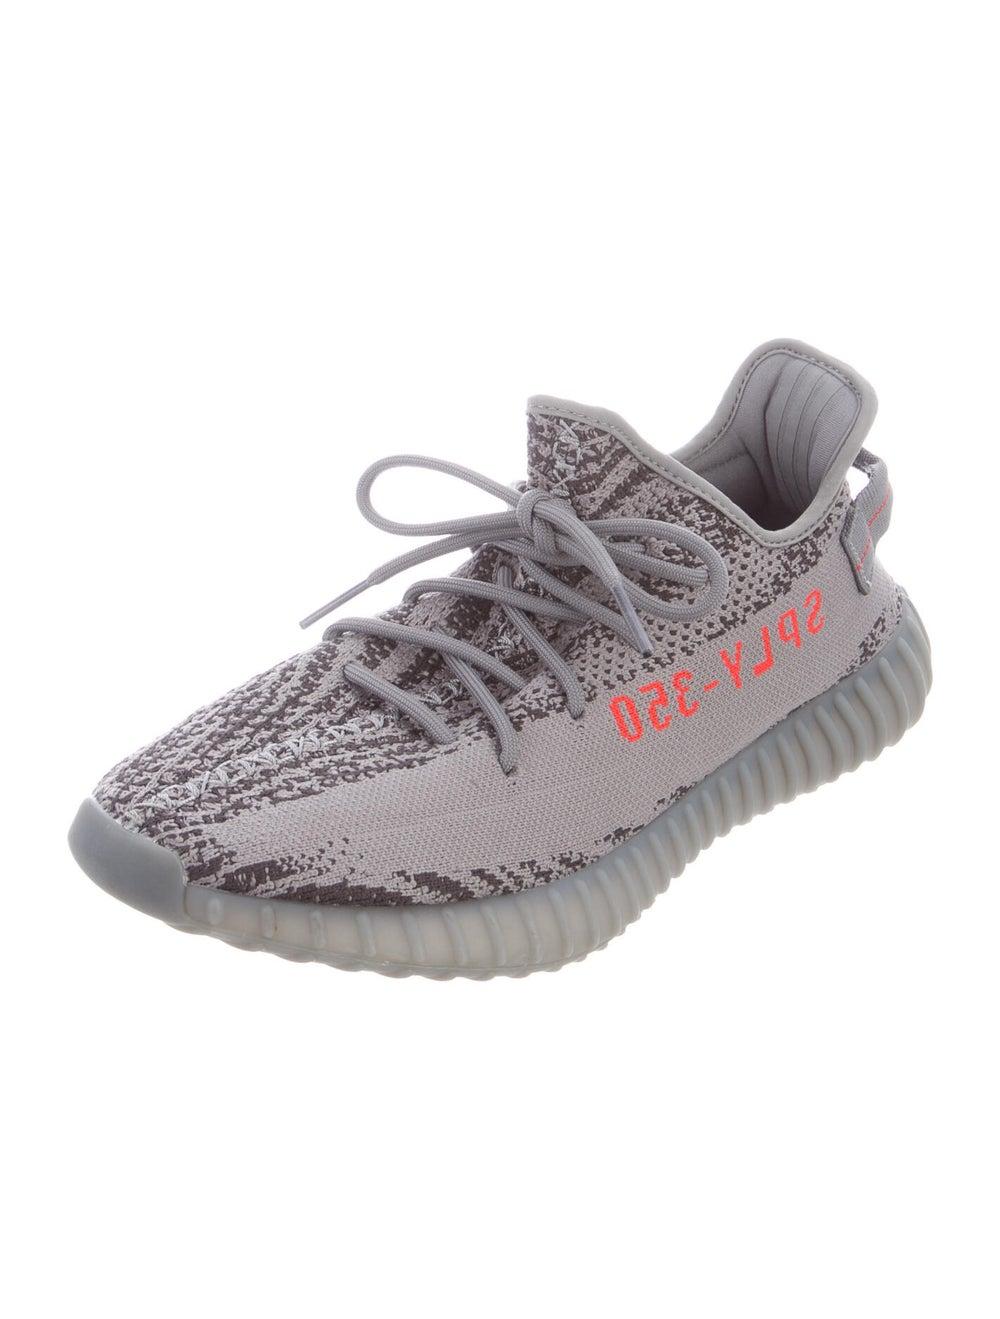 Yeezy Yeezy Boost 350 V2 Beluga 2.0 Sneakers Grey - image 2